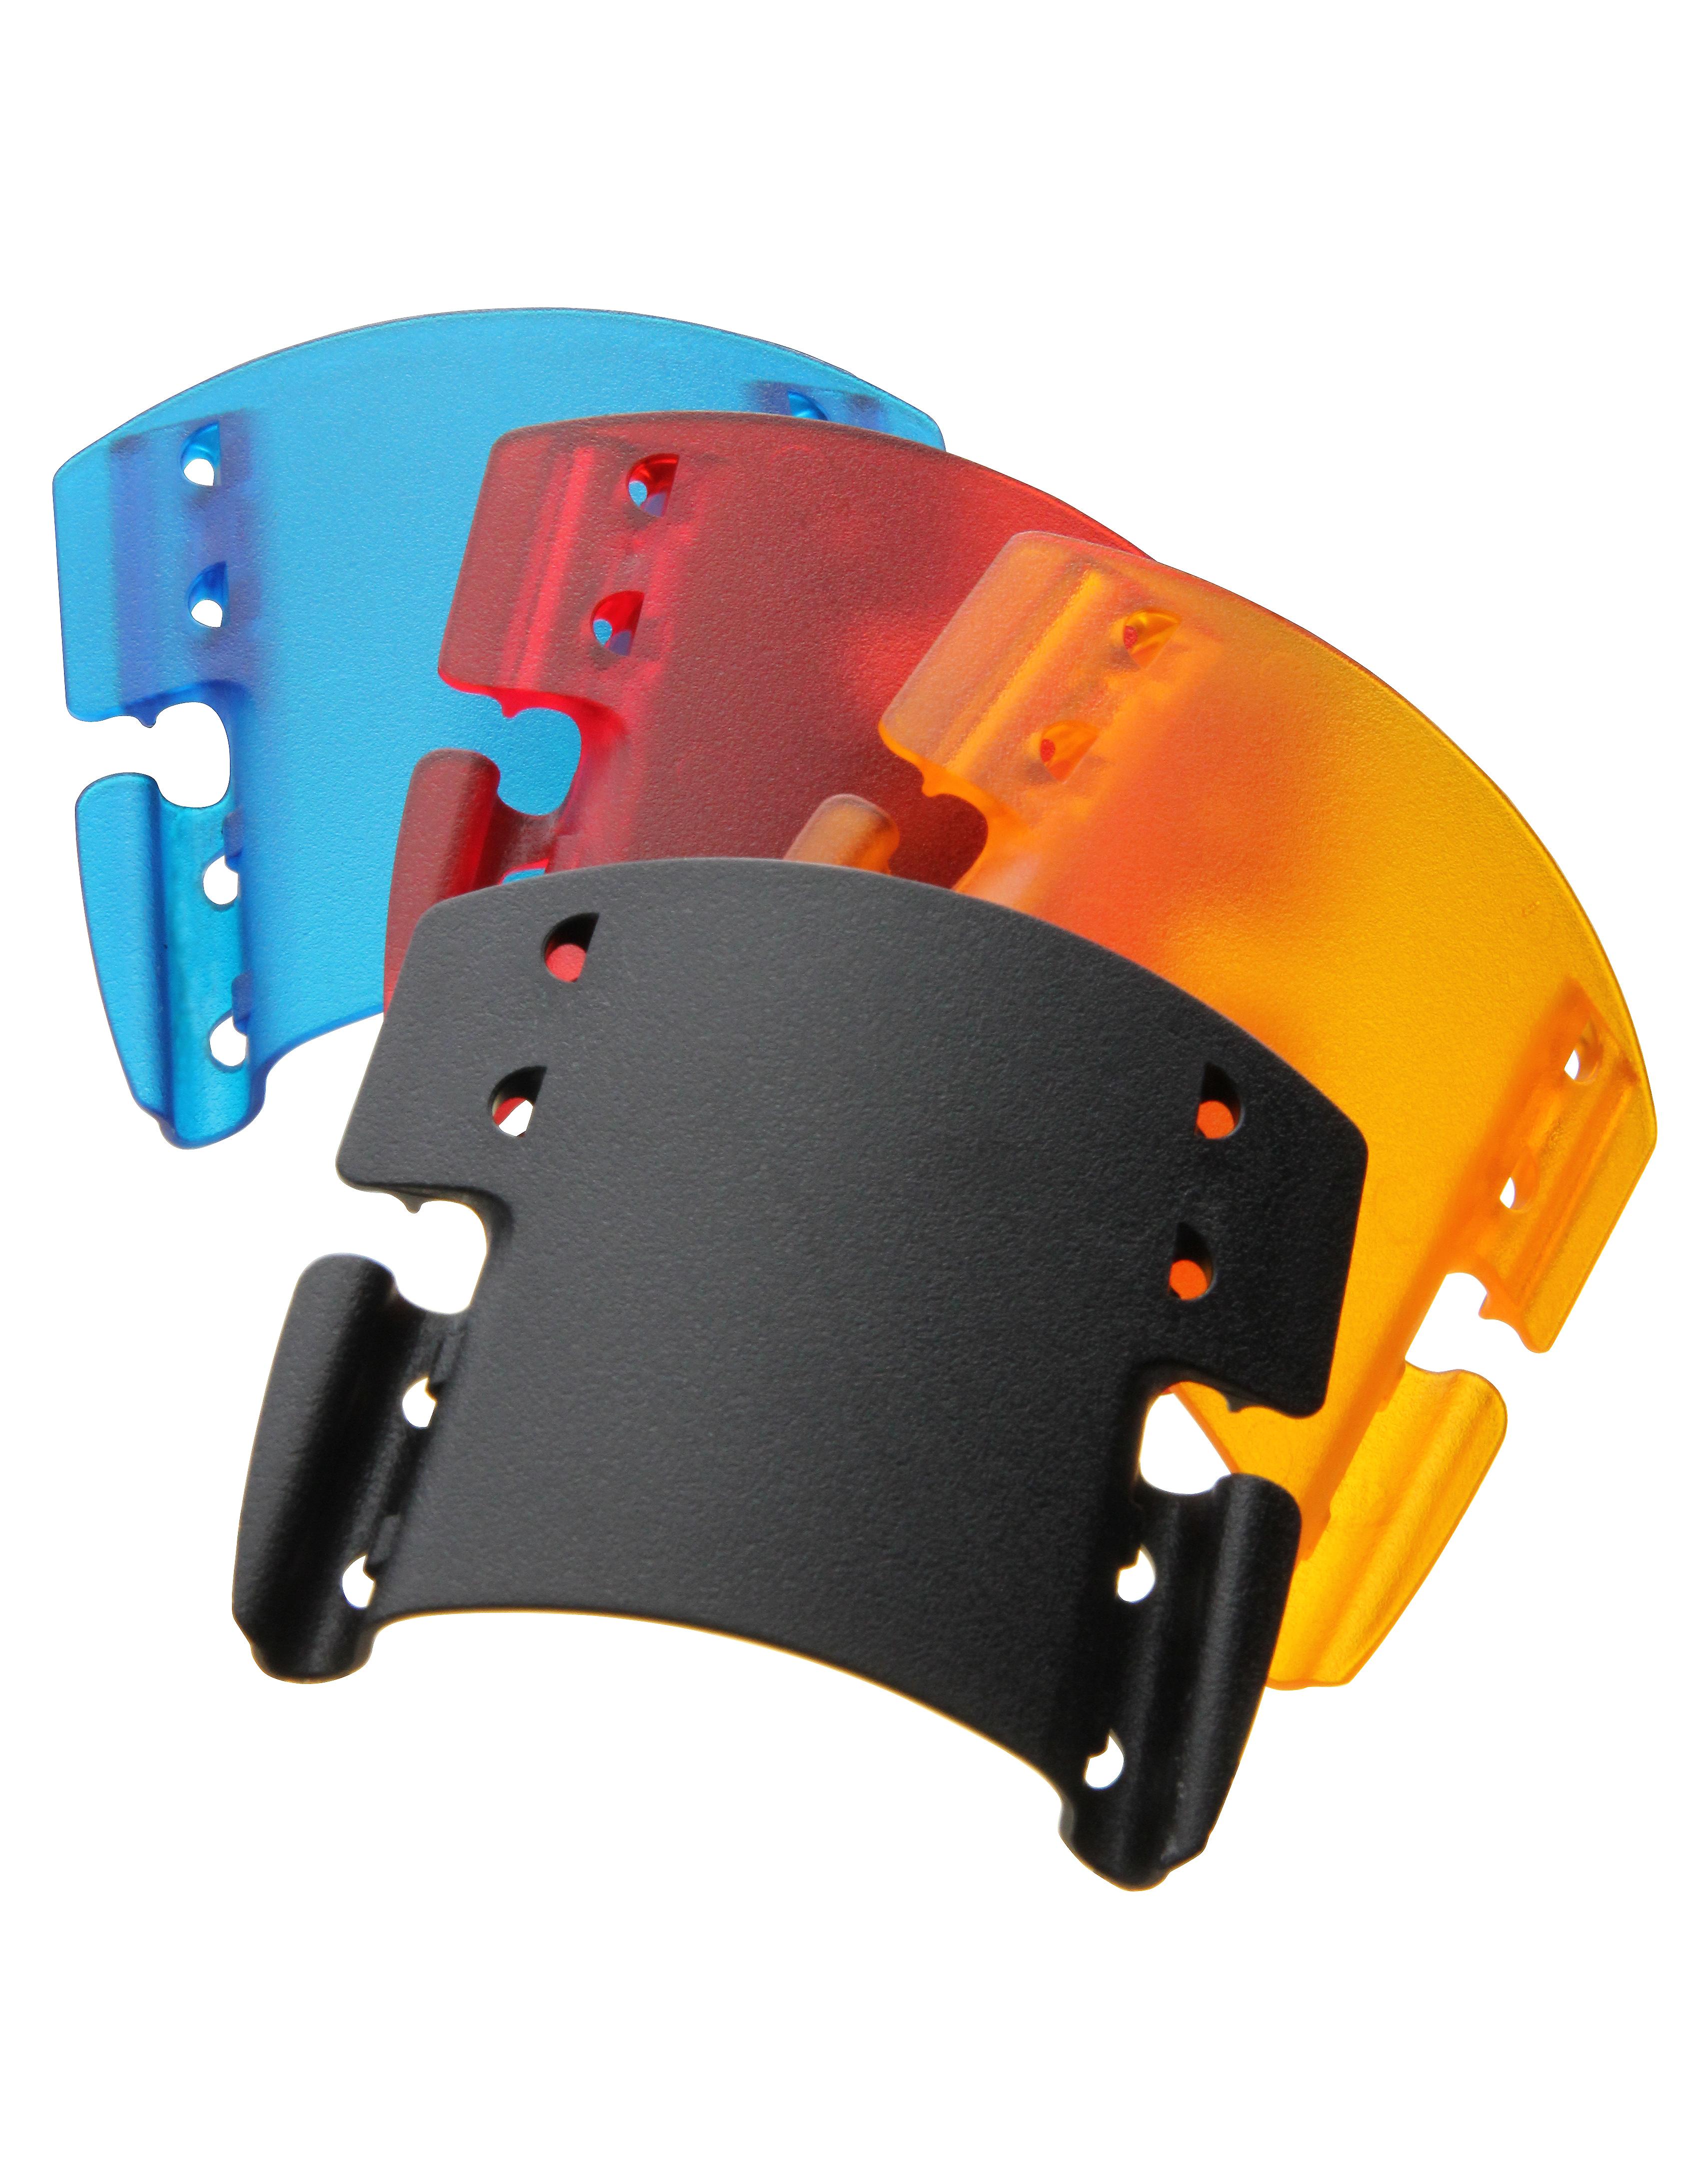 Color Guard Arm-Brace Protection Shield